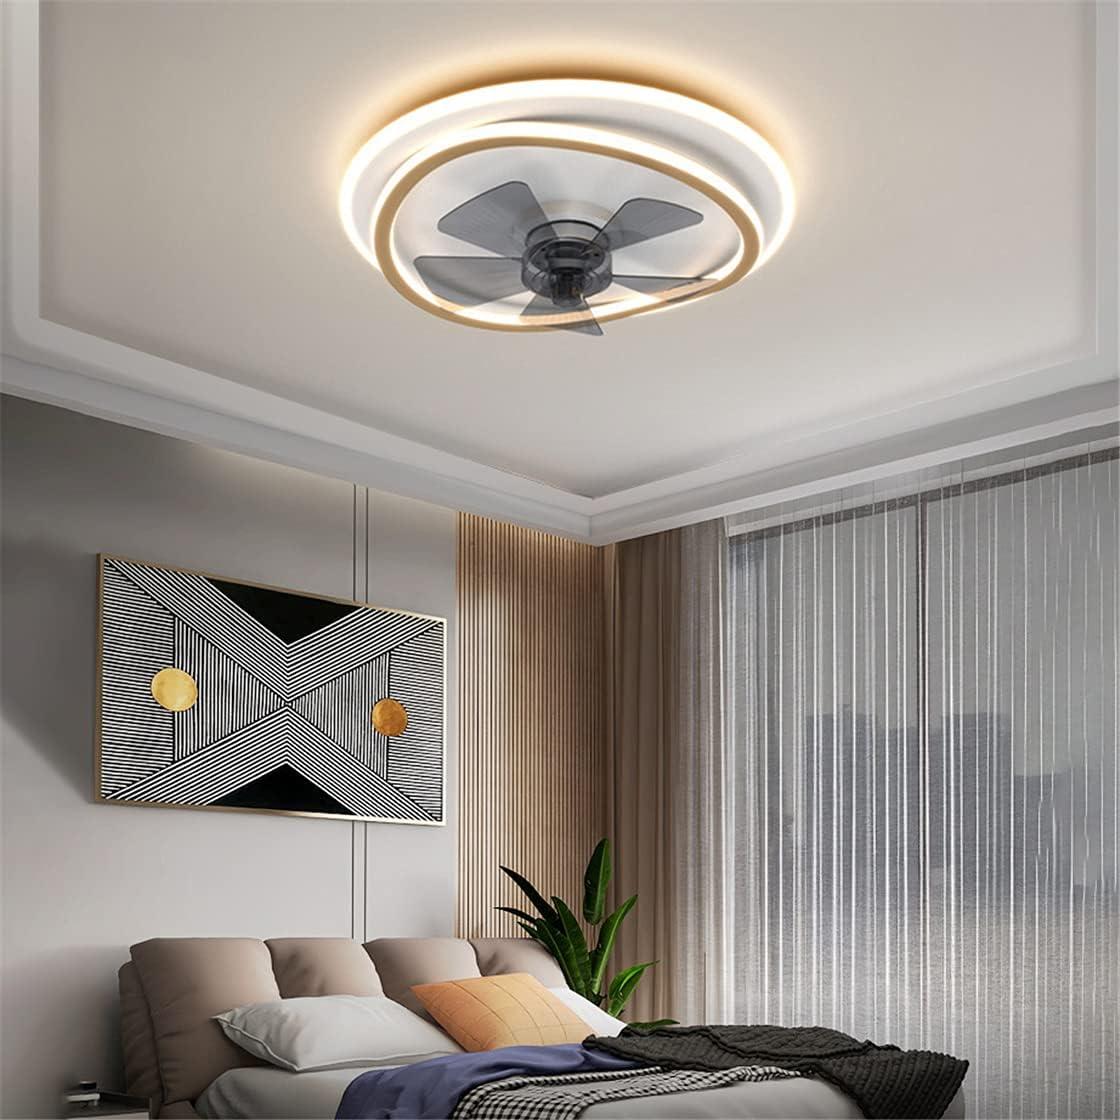 OMGPFR Ventilador de Techo LED Moderno con lámparas, Luz de Techo Regulable silenciosa con App Iluminación de Ventiladores de Techo Reversibles Luces de Velocidad del Viento Ajustables